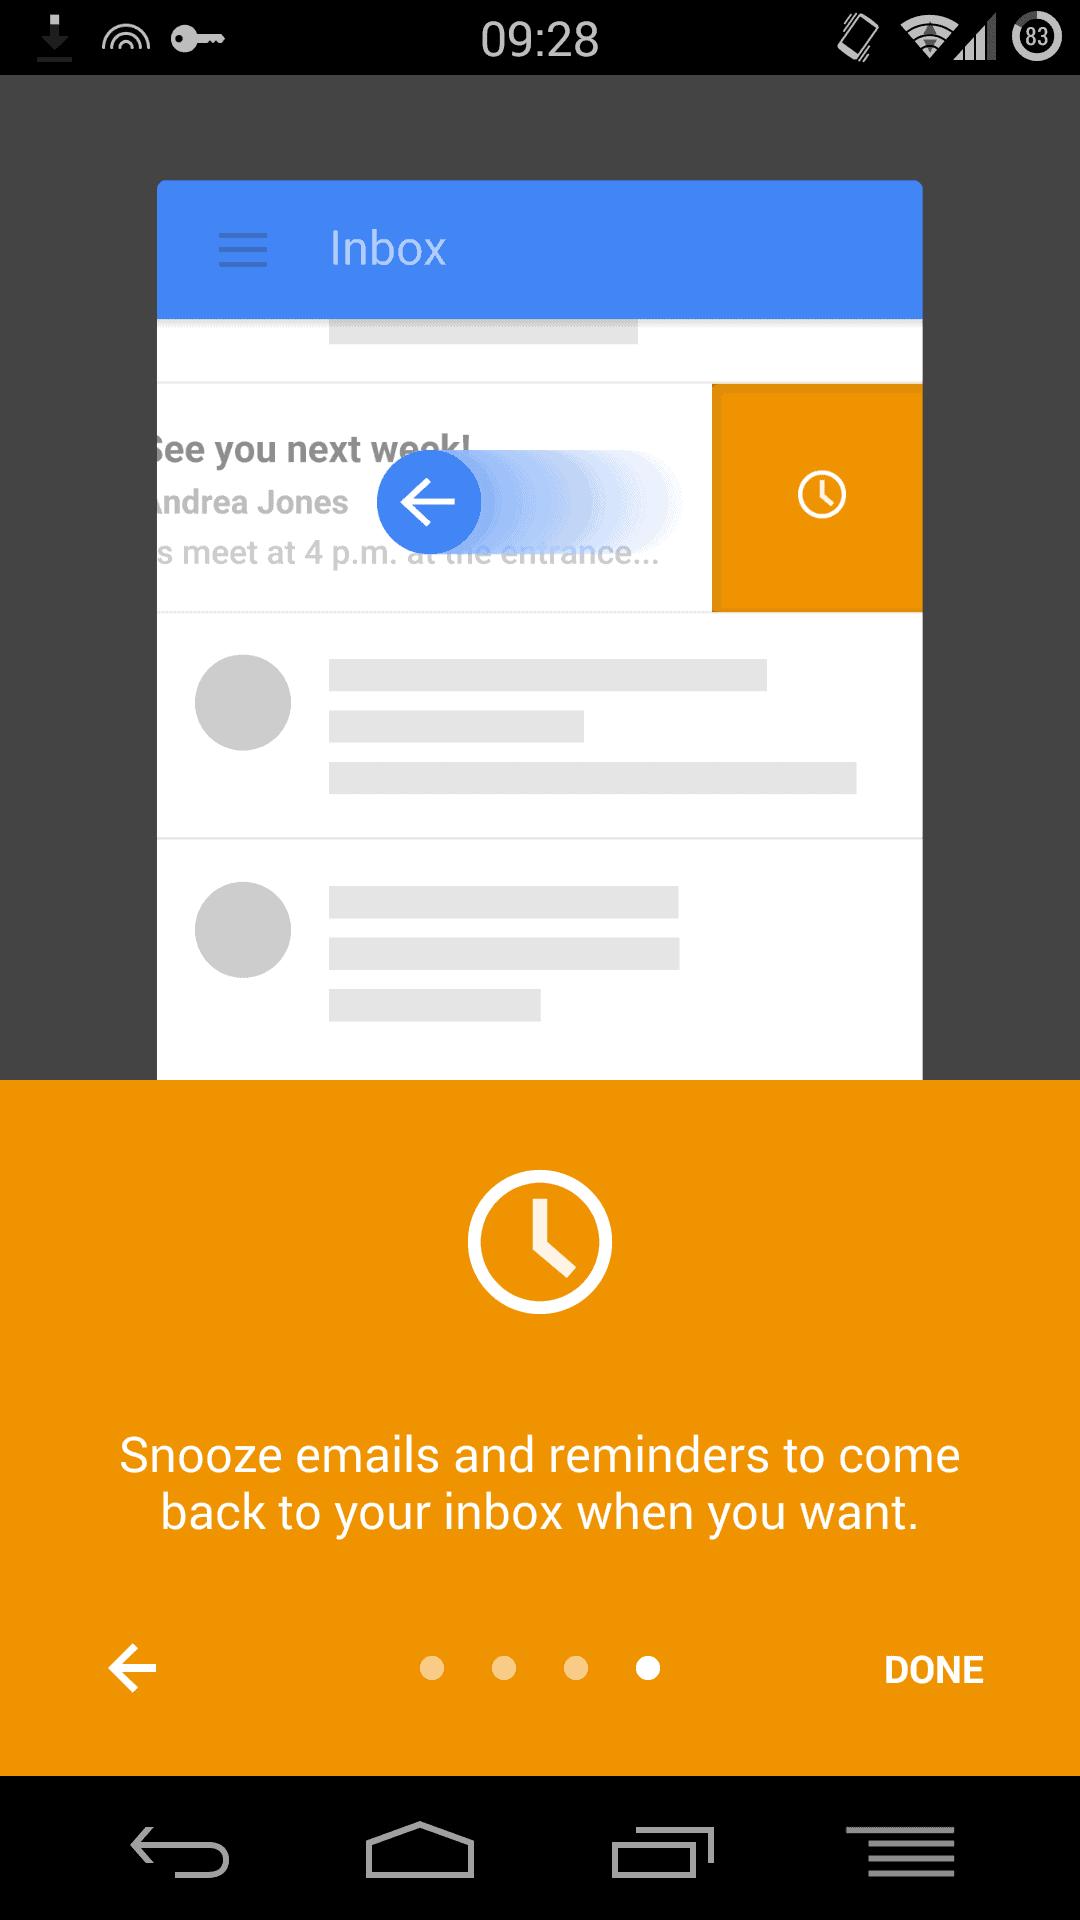 Inbox Desktop App